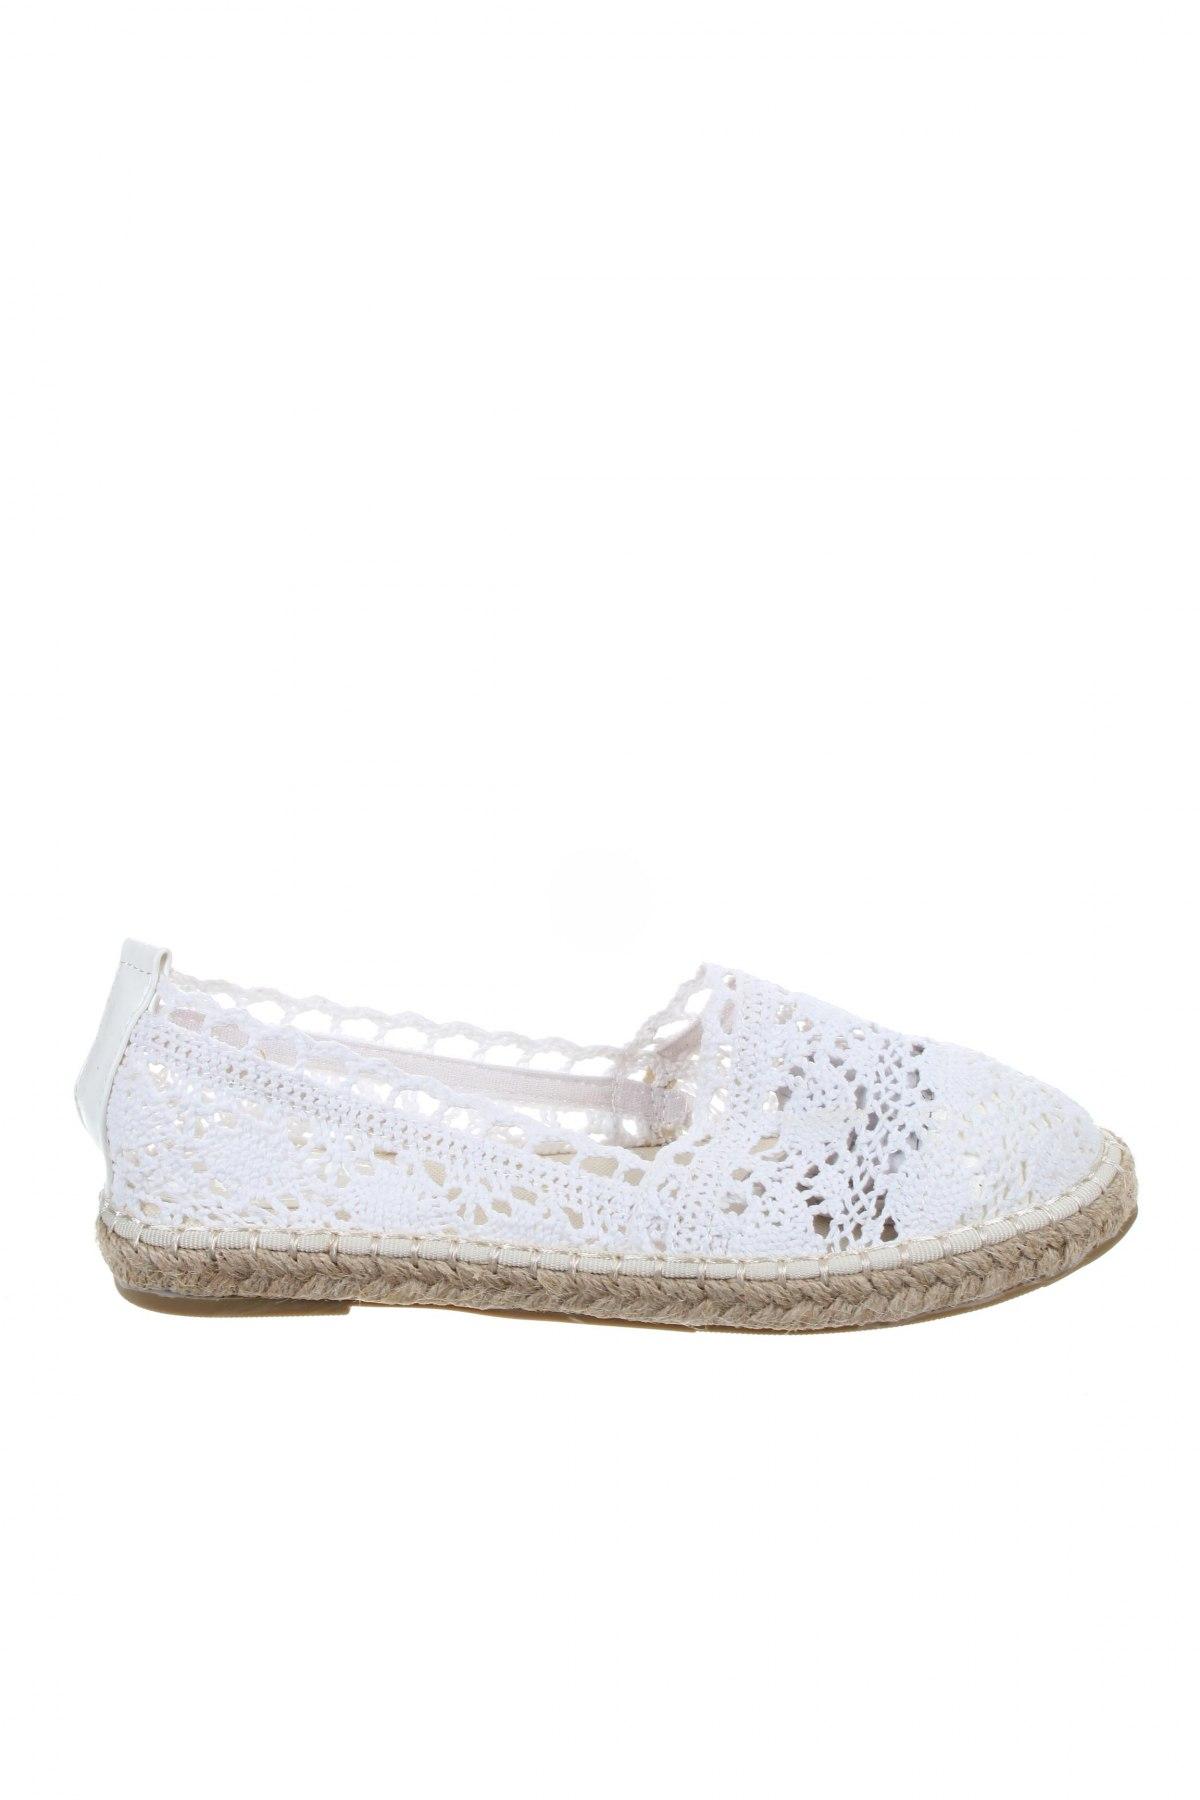 Εσπάδριλλες Coco Perla, Μέγεθος 36, Χρώμα Λευκό, Κλωστοϋφαντουργικά προϊόντα, Τιμή 14,07€